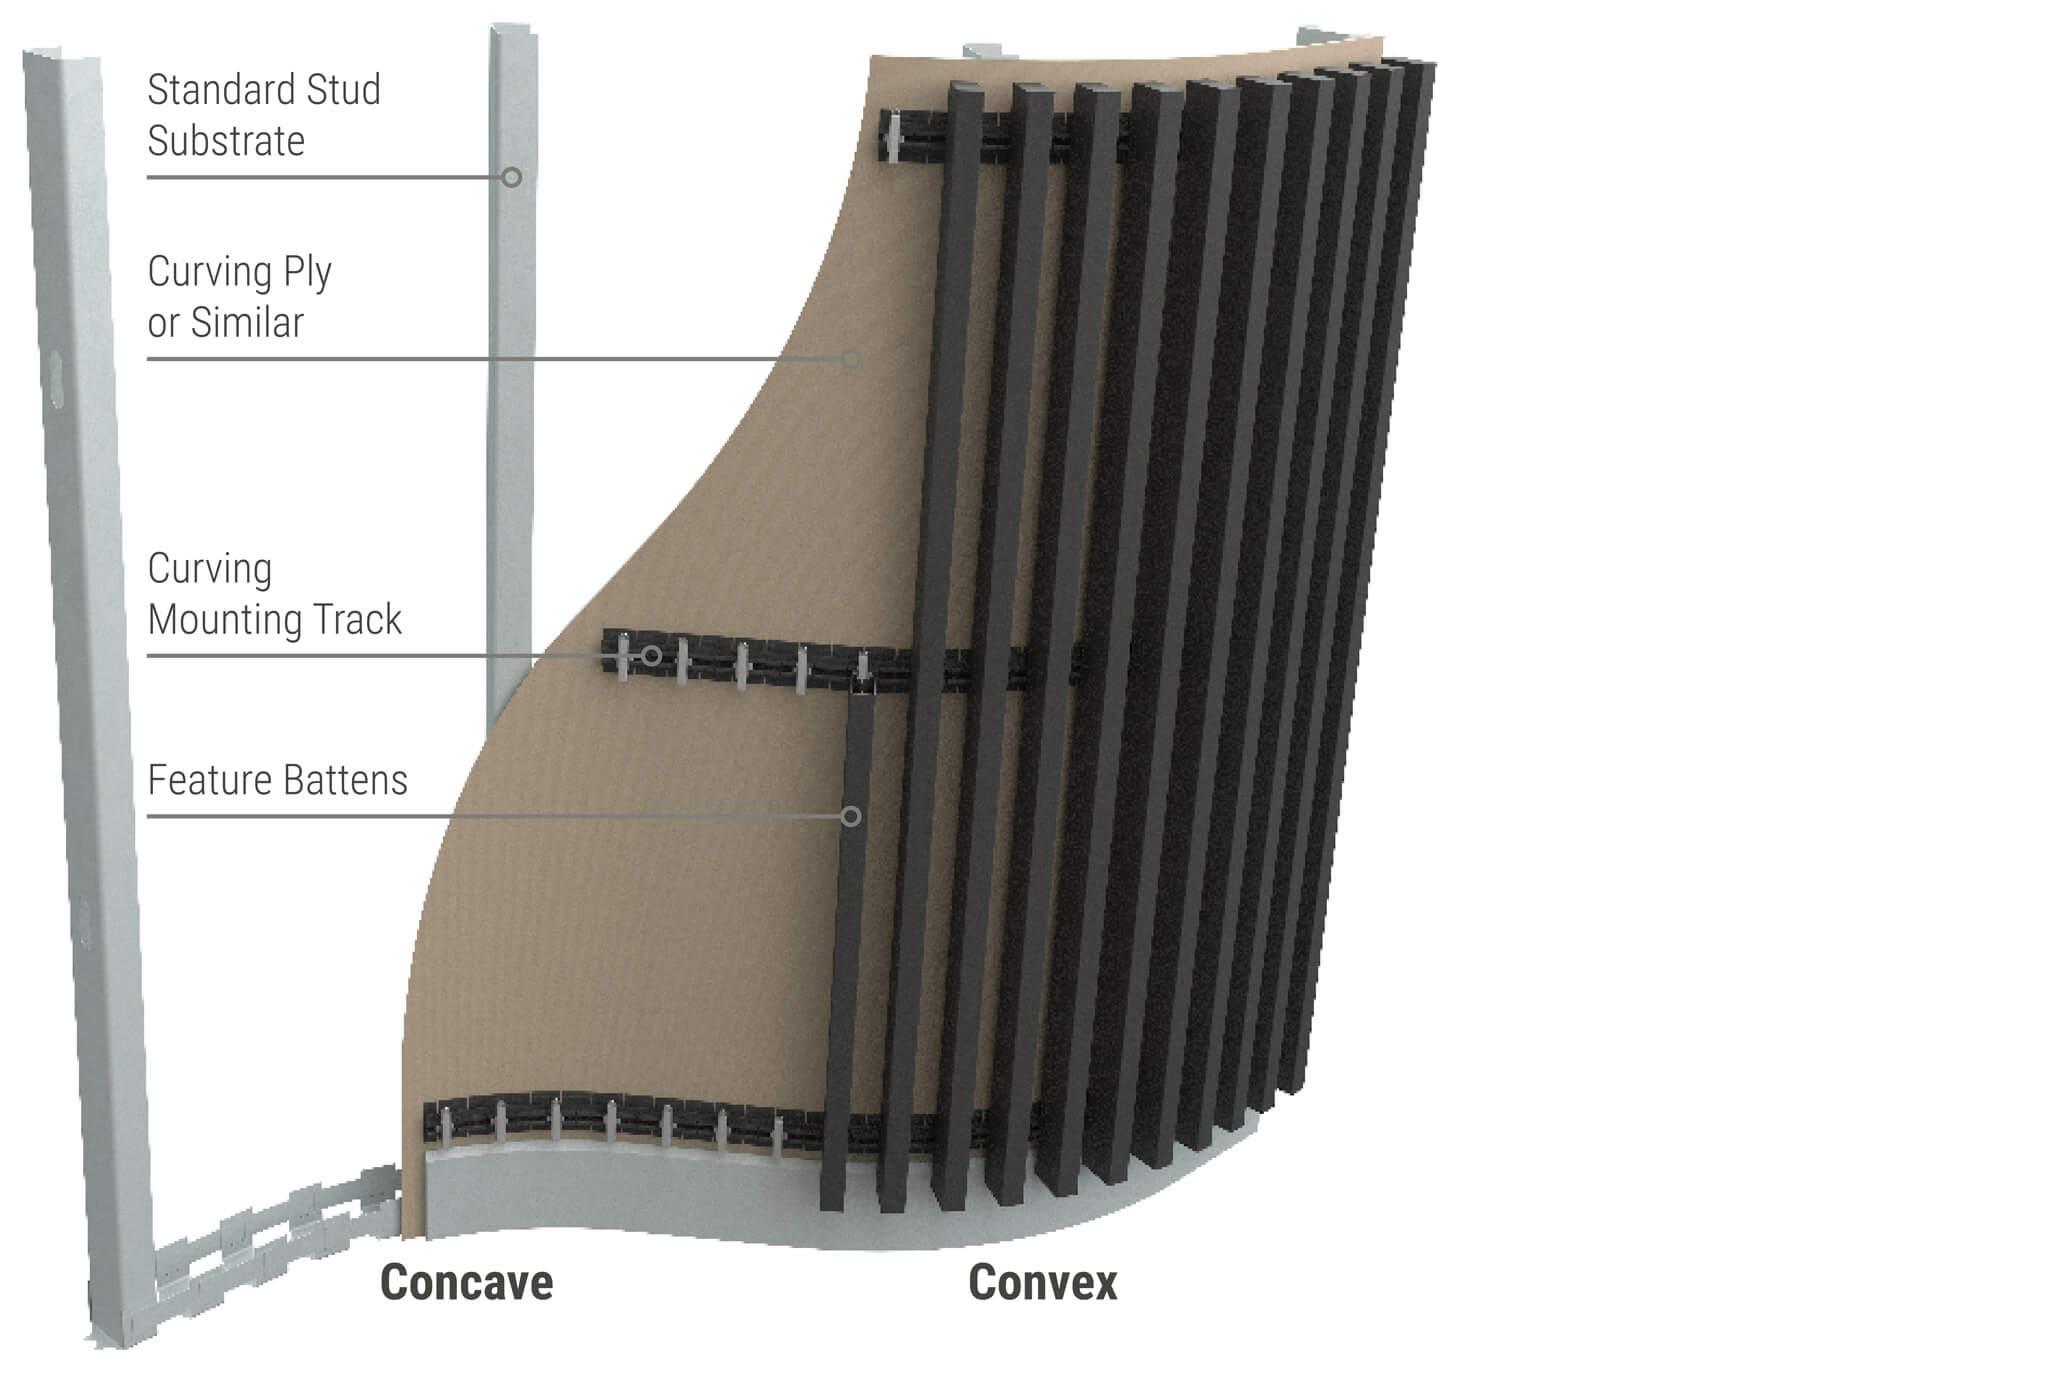 Sculptform Click-on Battens aluminium curved wall